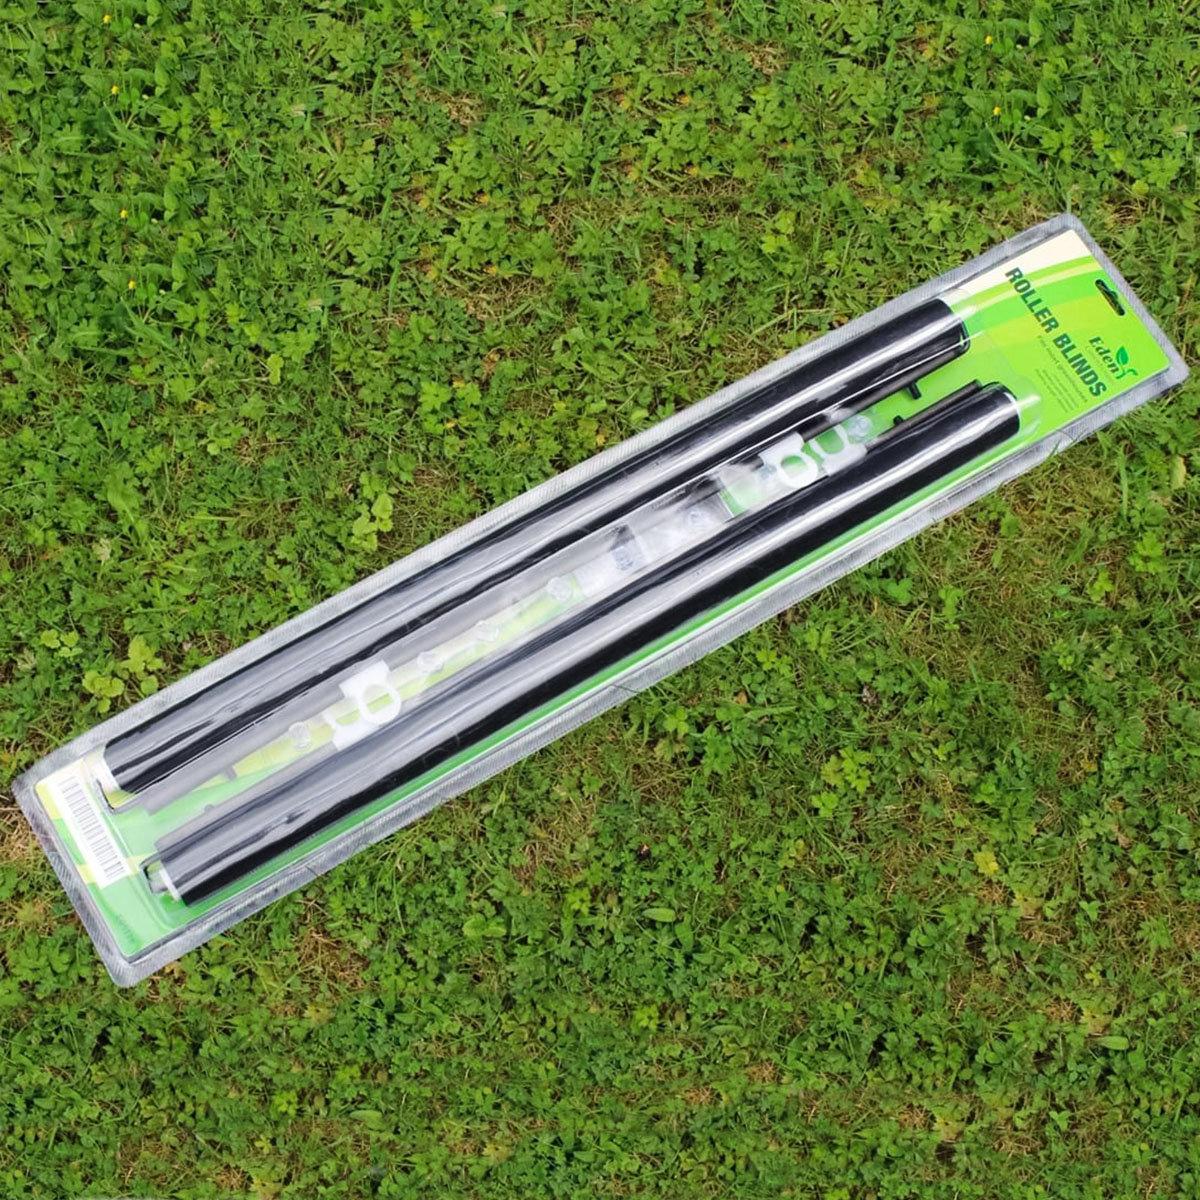 Schattenrollo 2er-set, 60cm x 200cm | #3